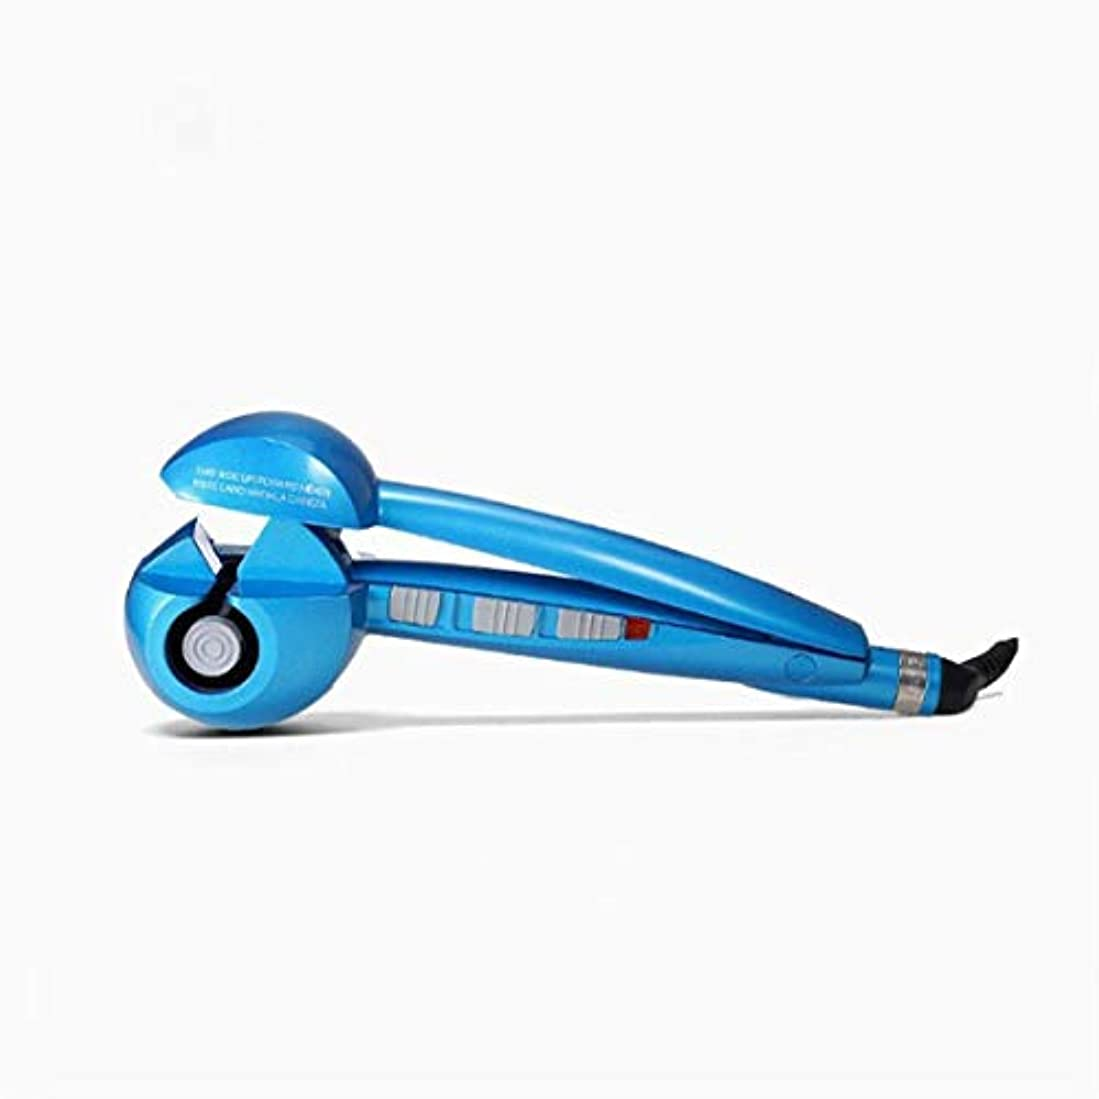 作曲する腹痛フラフープ電動アニオンヘアカーラーアップグレードアイアン自動エアカーリングワンドセラミック回転カーラーヘアスタイリングツールカーラー